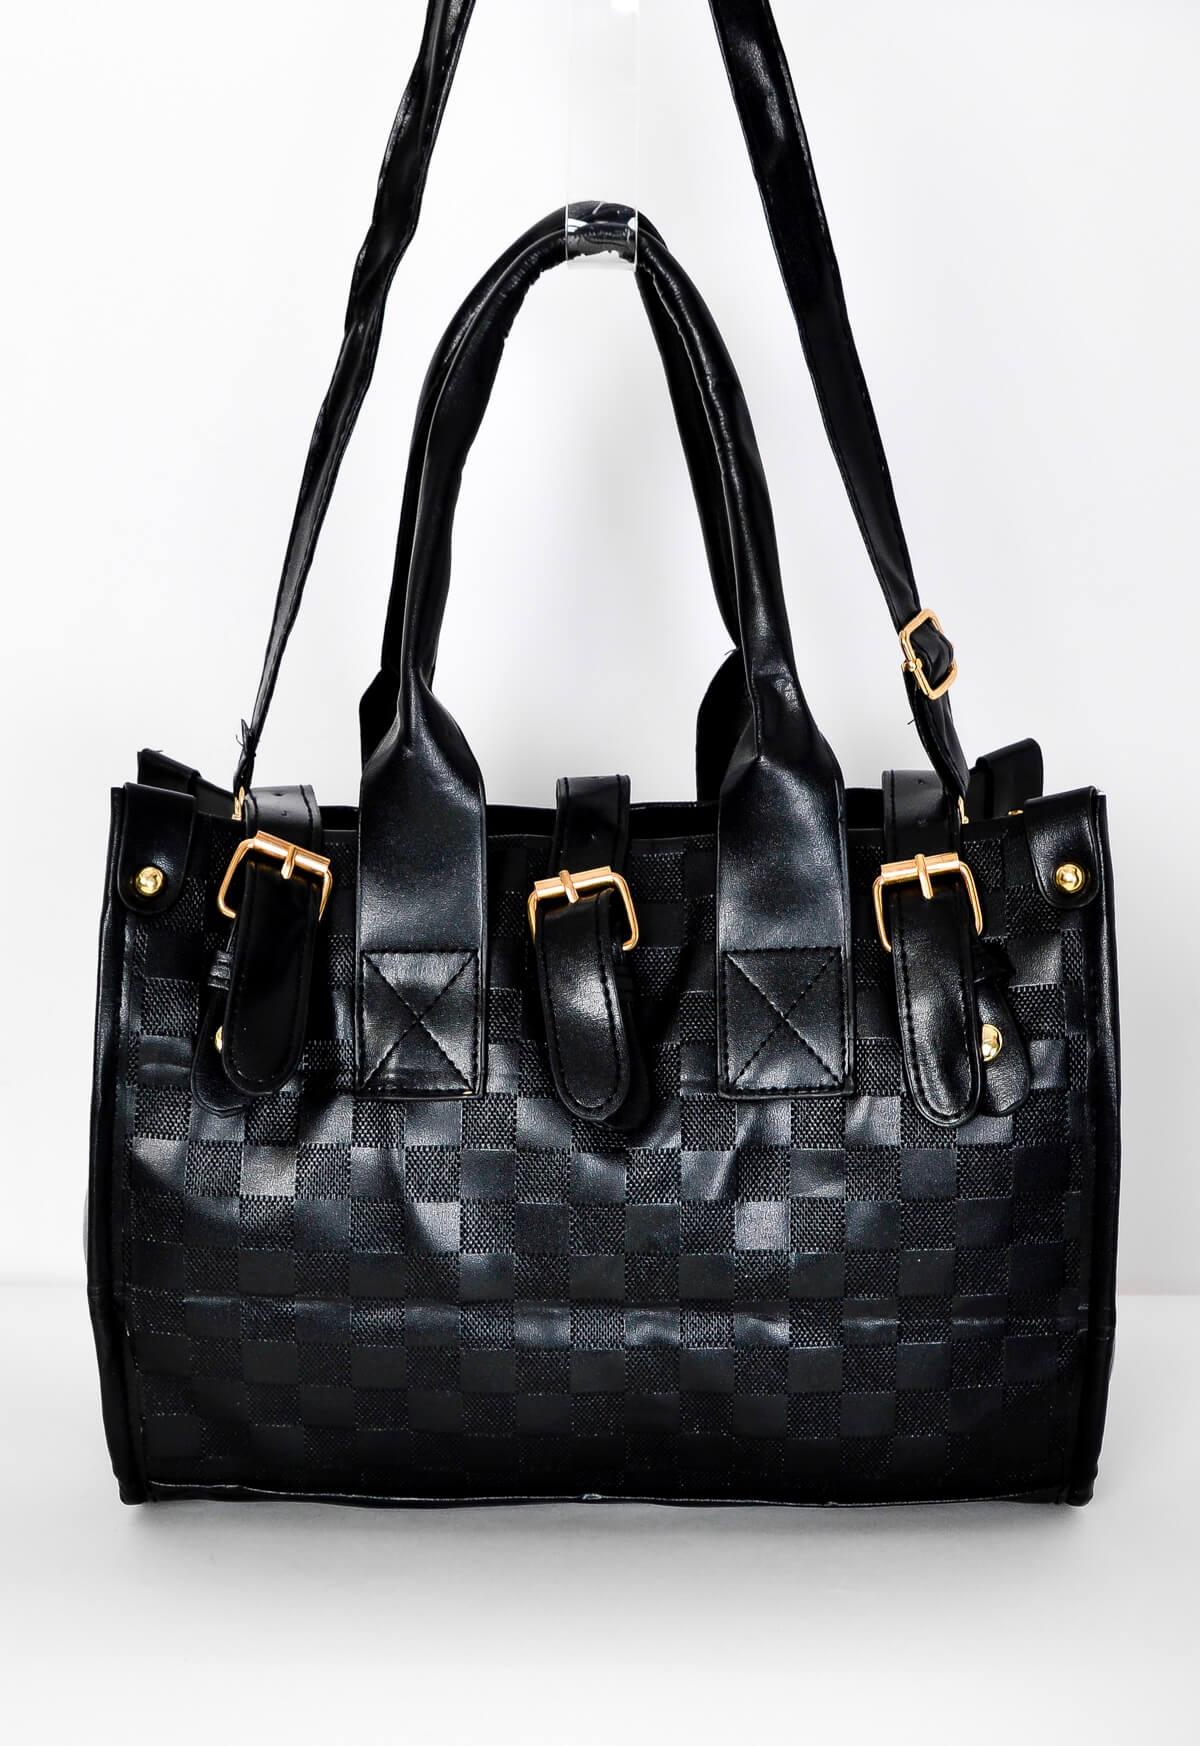 Černá dámská kabelka s uchy - Černá/univerzální